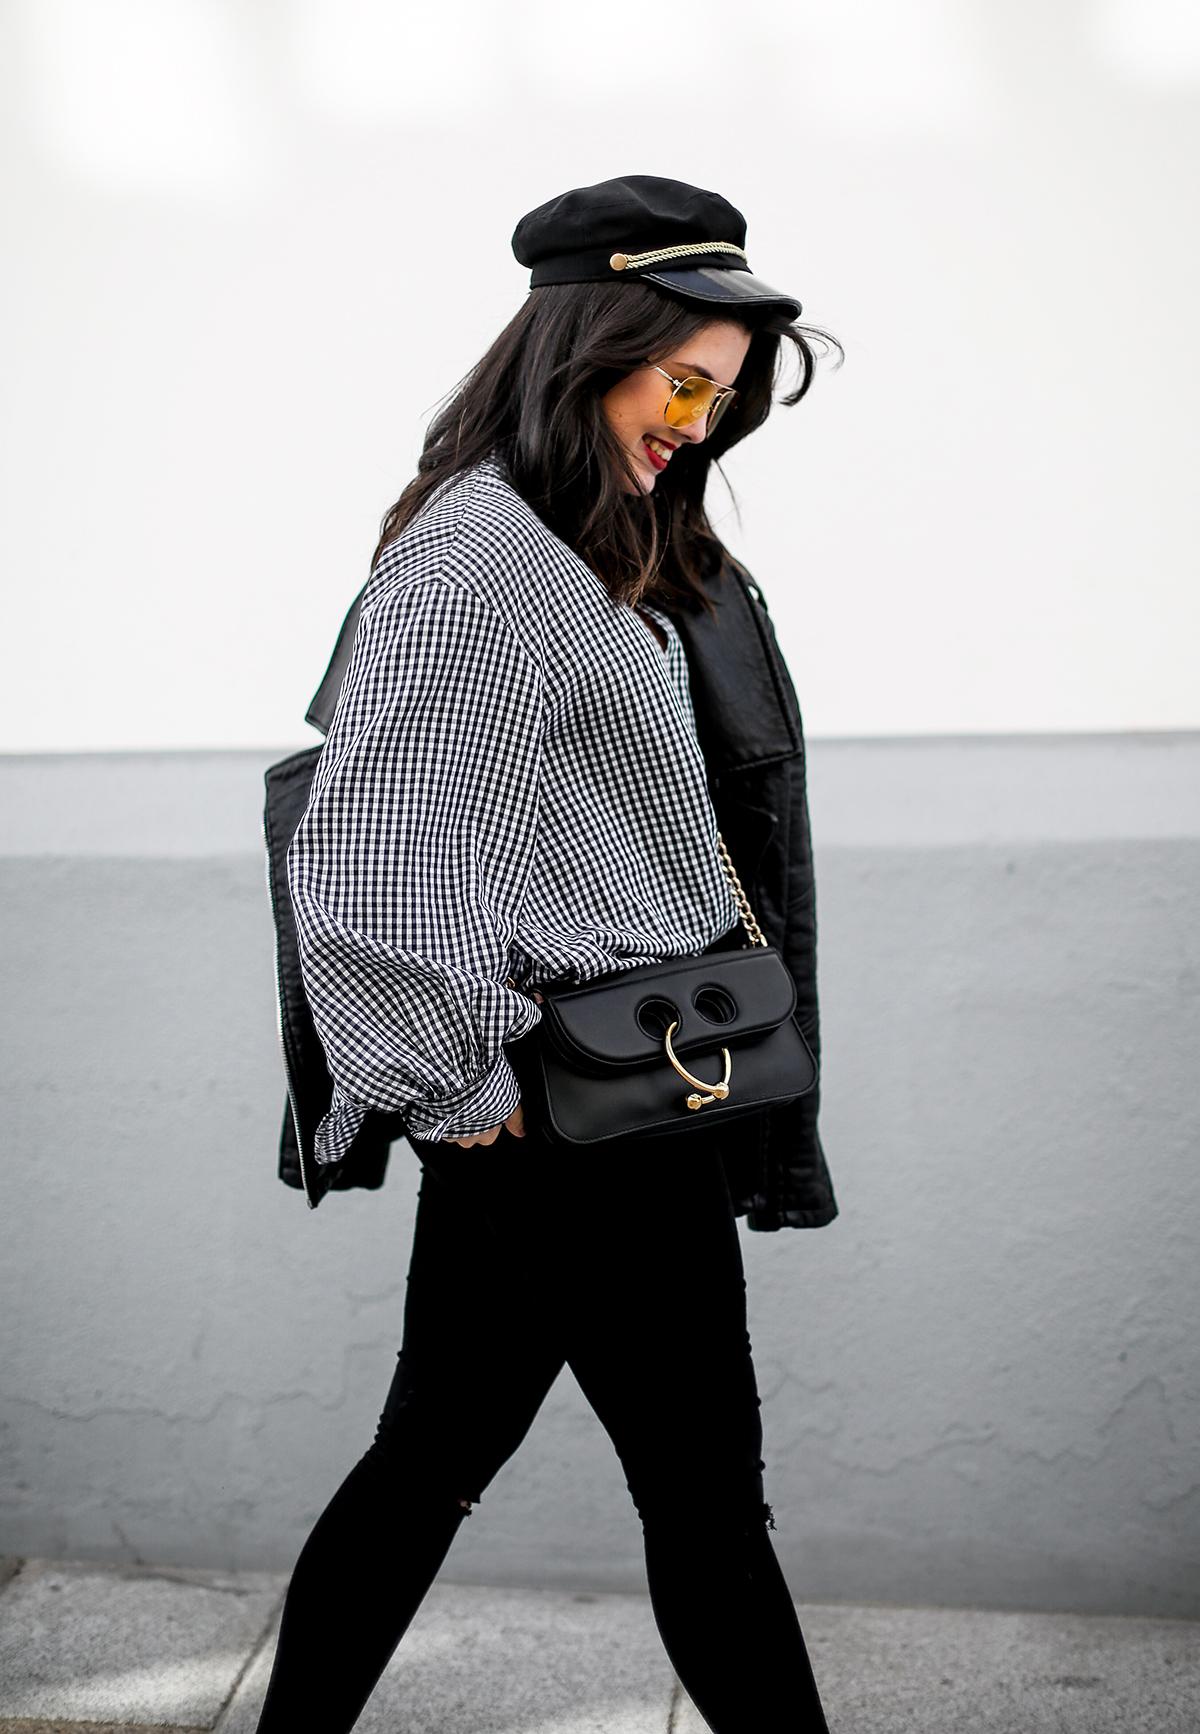 camisa-cuadros-vichy-chanel-slingback-pierce-bag-jw-anderson-myblueberrynightsblog7